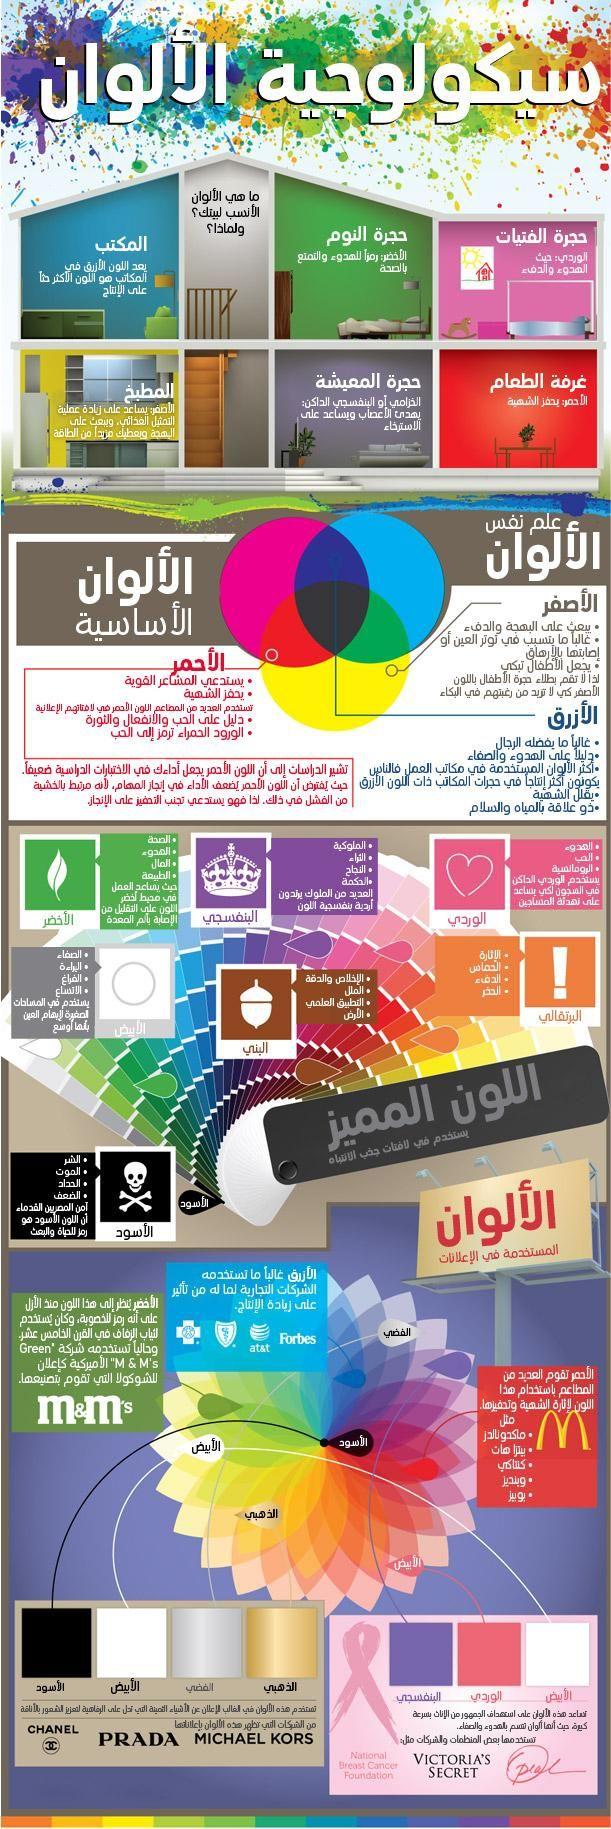 سيكولوجية الألوان ودلالتها تنمية بشرية التسويق الالكتروني تصميم المواقع Color Psychology Infographic Color Theory